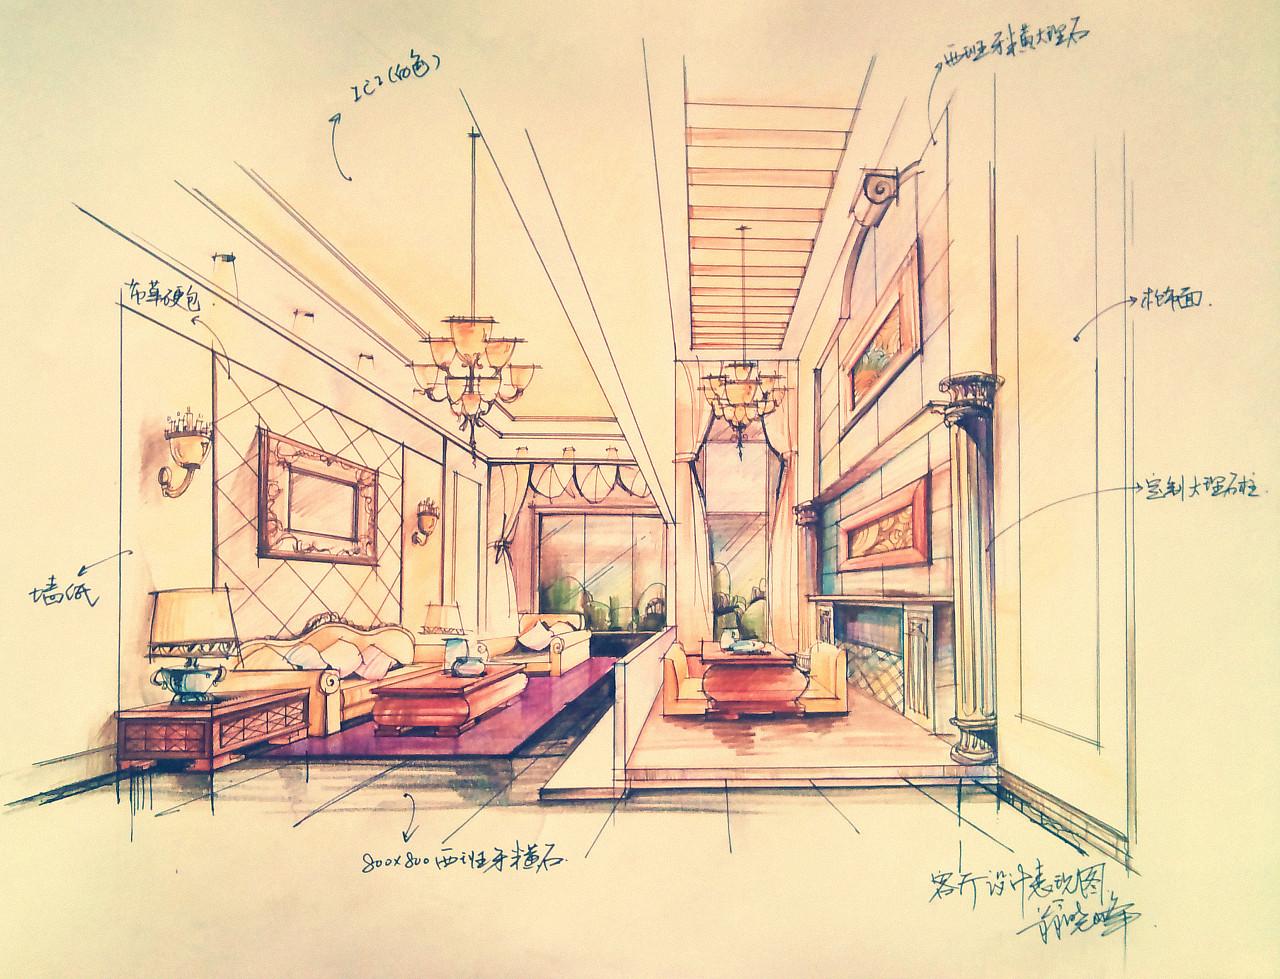 室内设计 客厅设计 手绘效果图|空间|室内设计|翁小峰